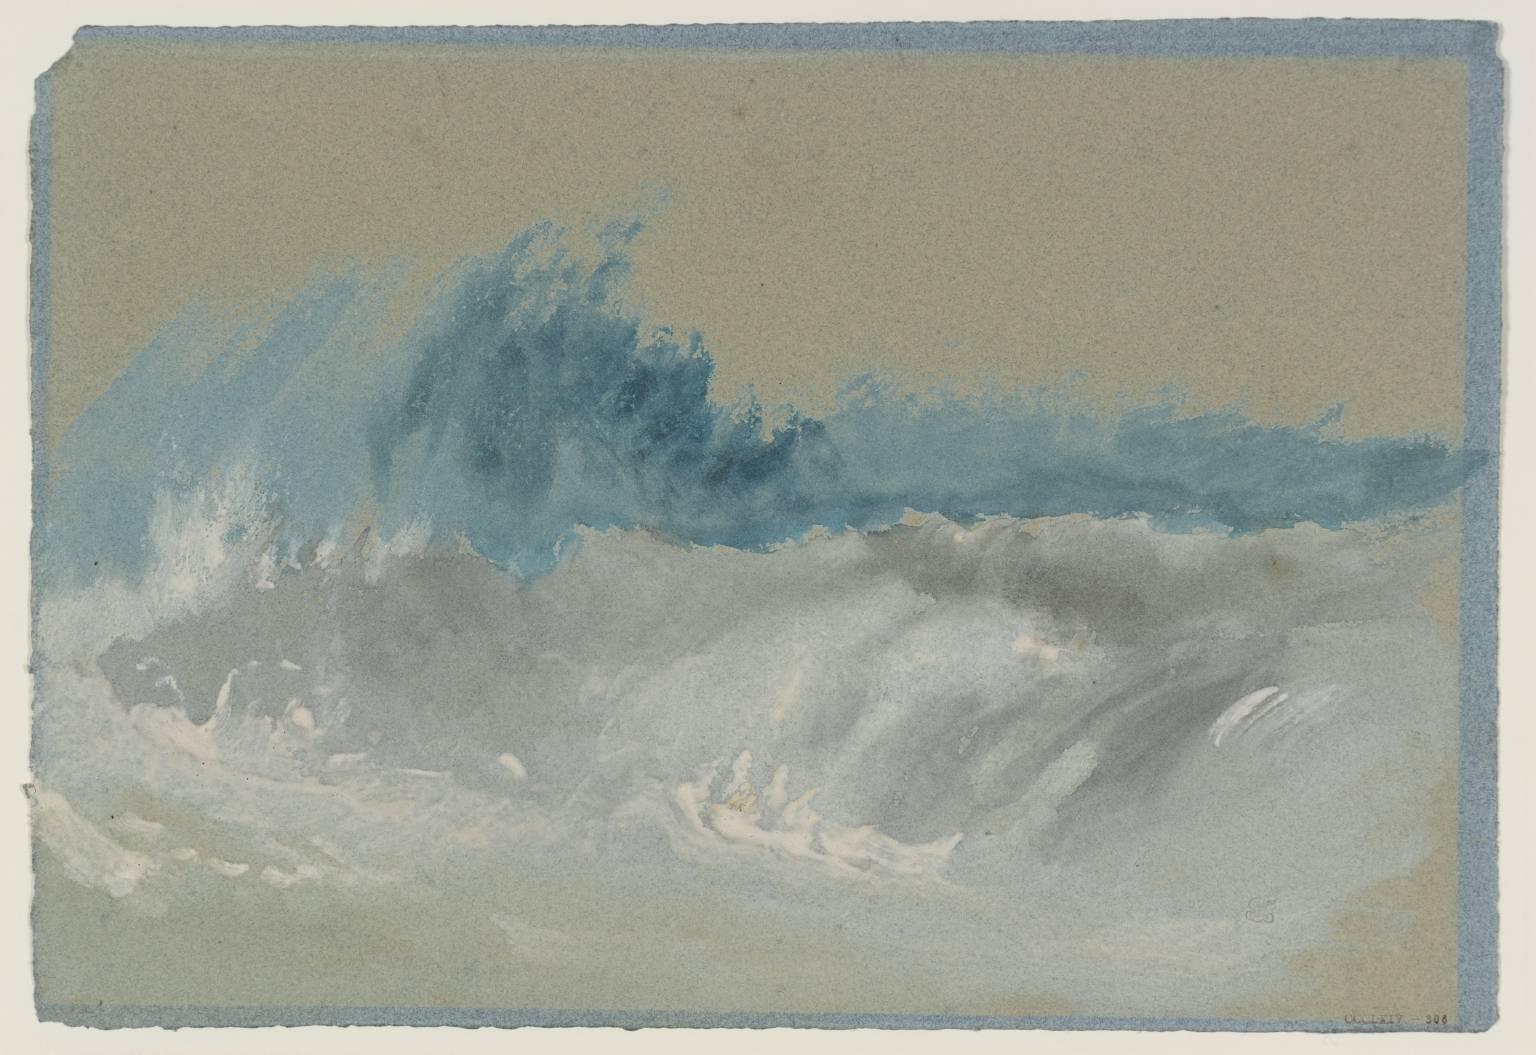 Breaking Wave on Beach after circa 1830 by Joseph Mallord William Turner 17751851  La boite verte